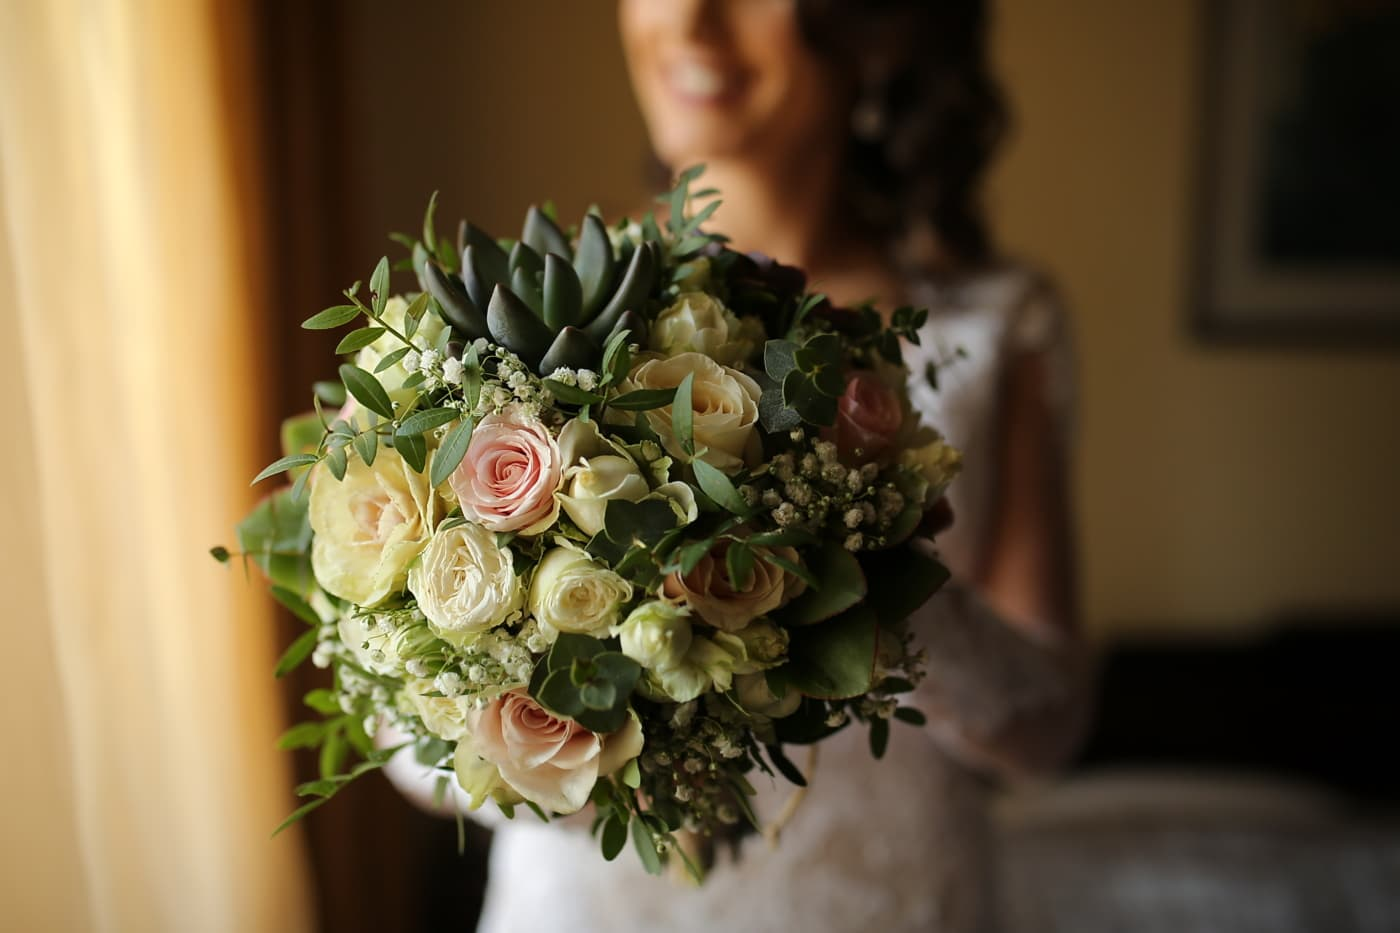 svatební kytice, růže, láska, svatba, nevěsta, uspořádání, dekorace, kytice, květiny, květ